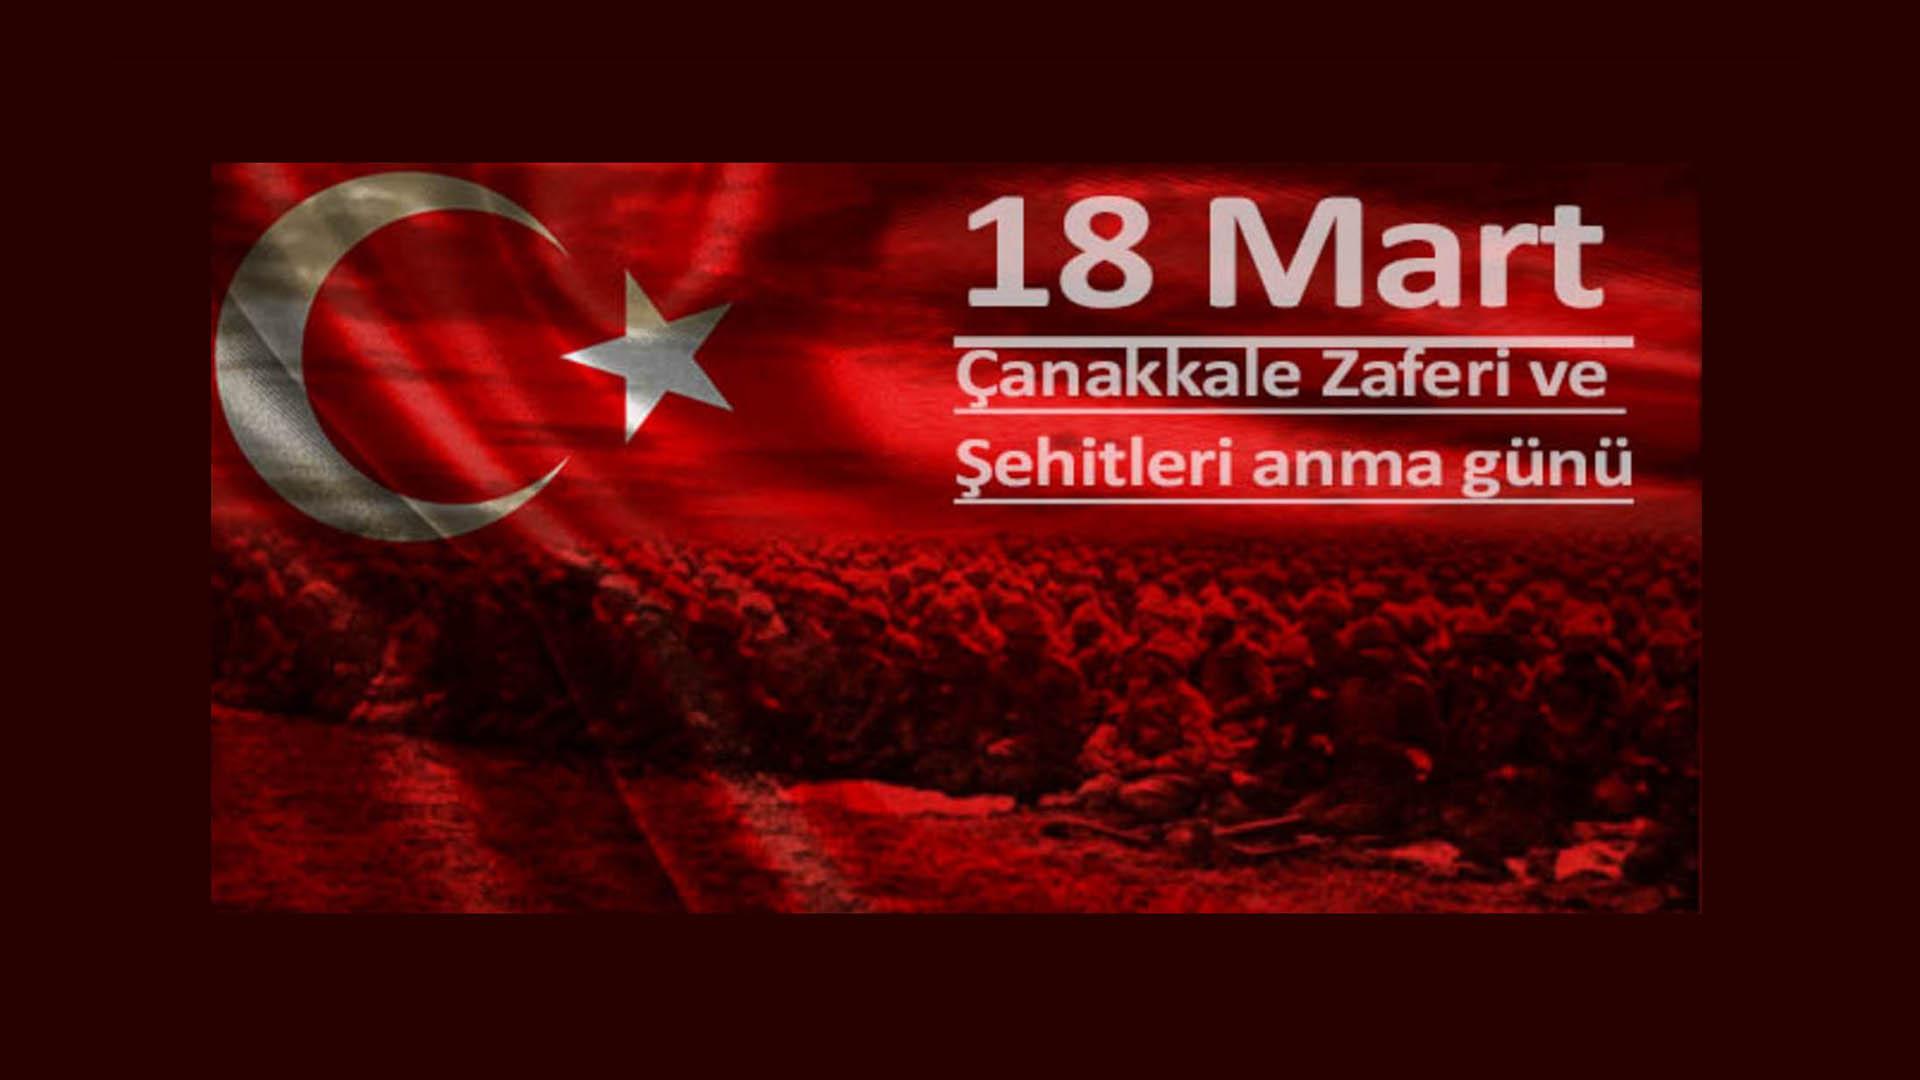 """KESOB Başkanı Bahamettin ÖZTÜRK """"Çanakkale Zaferi, Türk ve Dünya tarihinde önemli bir dönüm noktasıdır."""